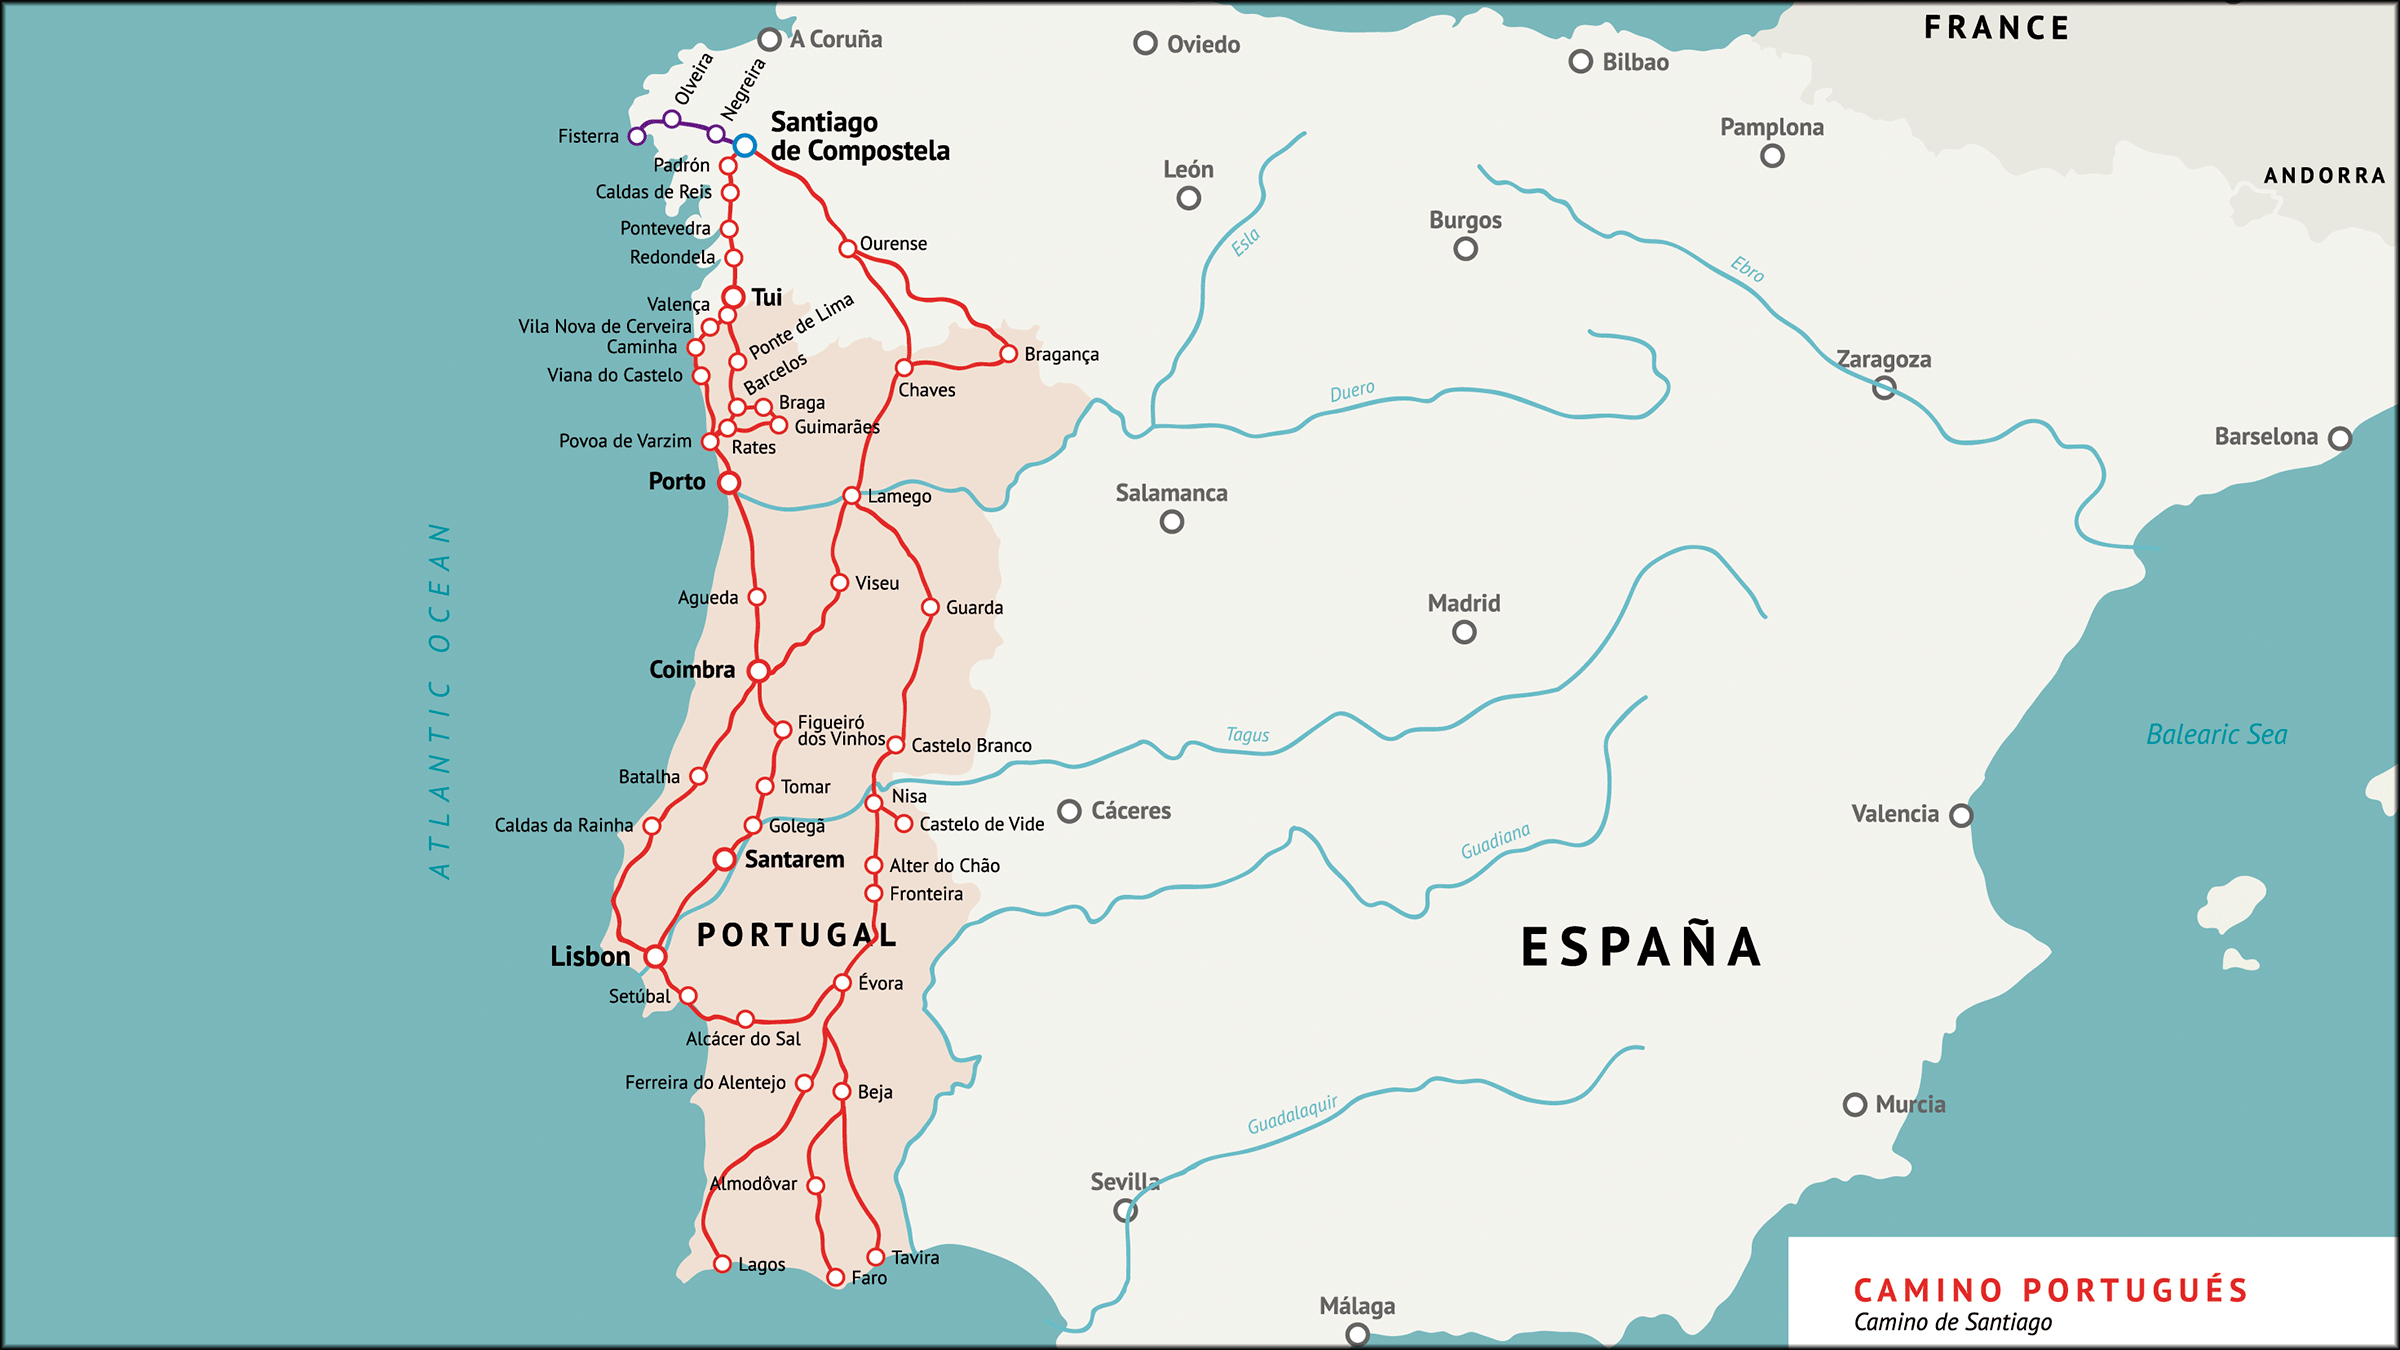 Mapa del Camino Portugués (Camino de Santiago)